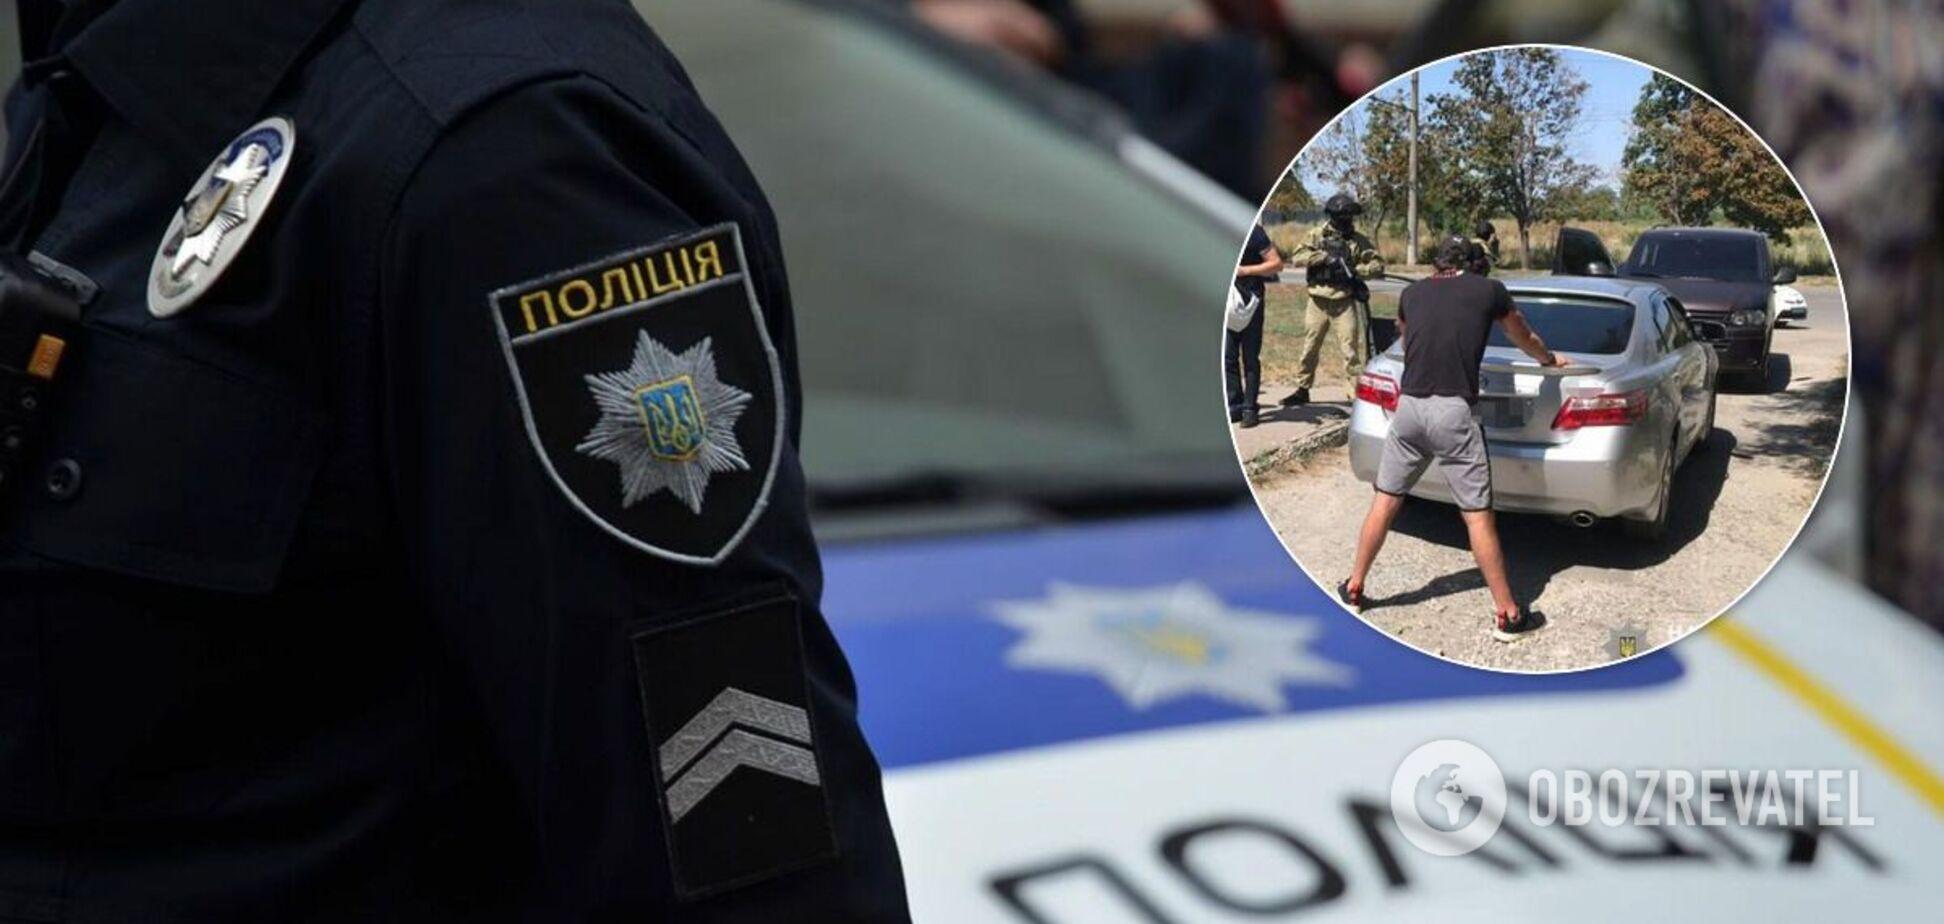 У Дніпрі поліція затримала кілера, якого розшукував Інтерпол. Фото